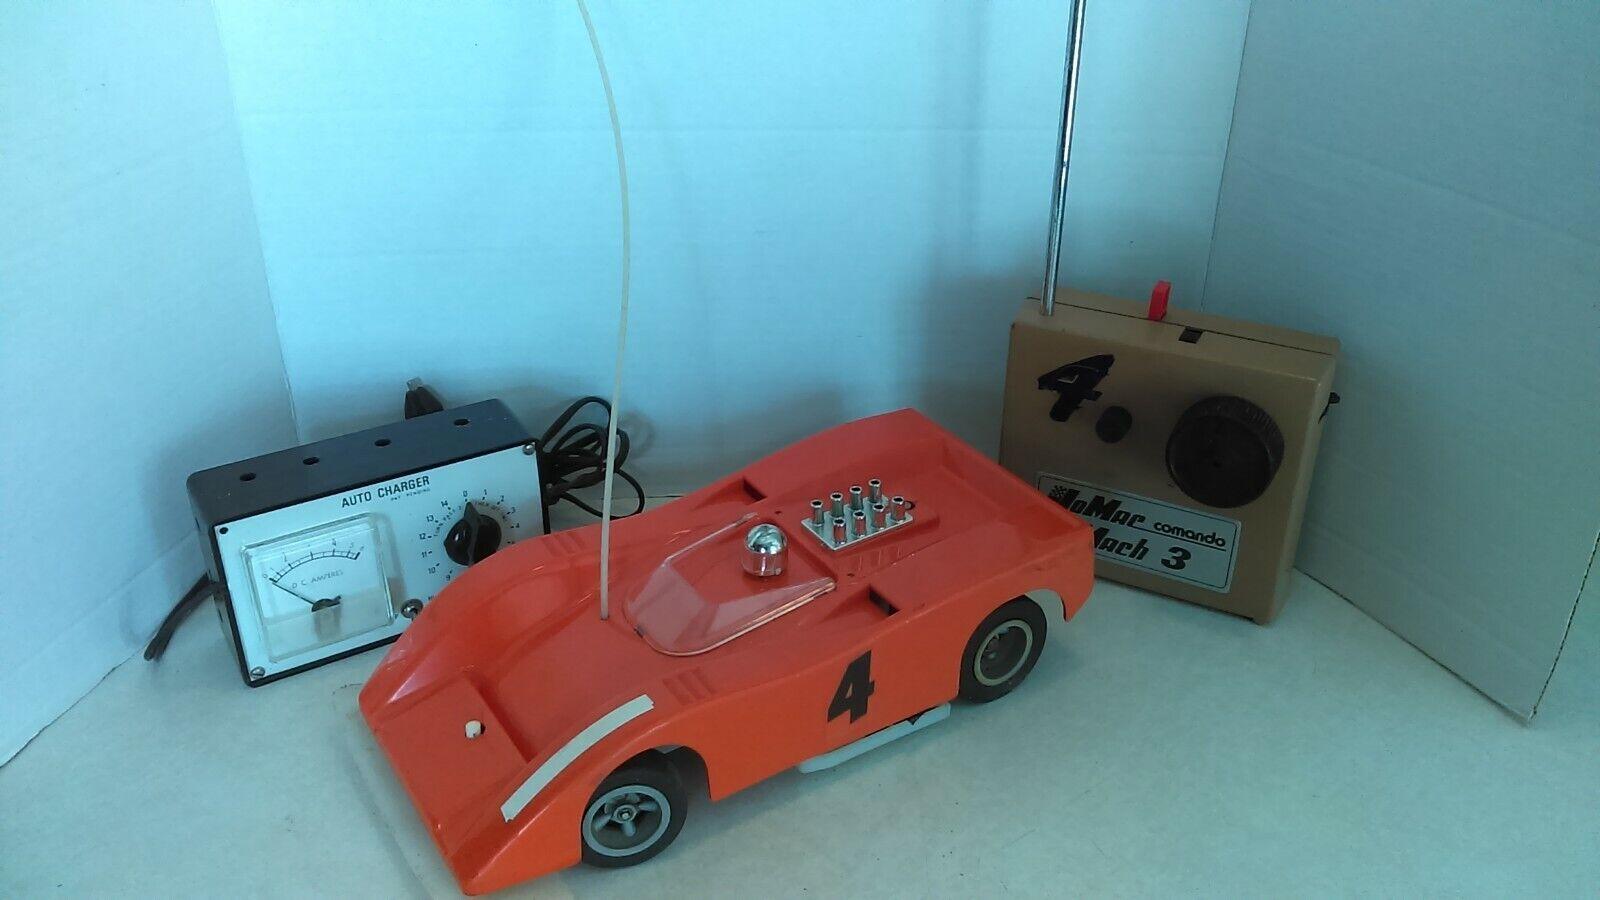 Vintage 70's  Jerobee 1 12 RC Electric arancia McLaren With Transmitter & Charger  negozio fa acquisti e vendite